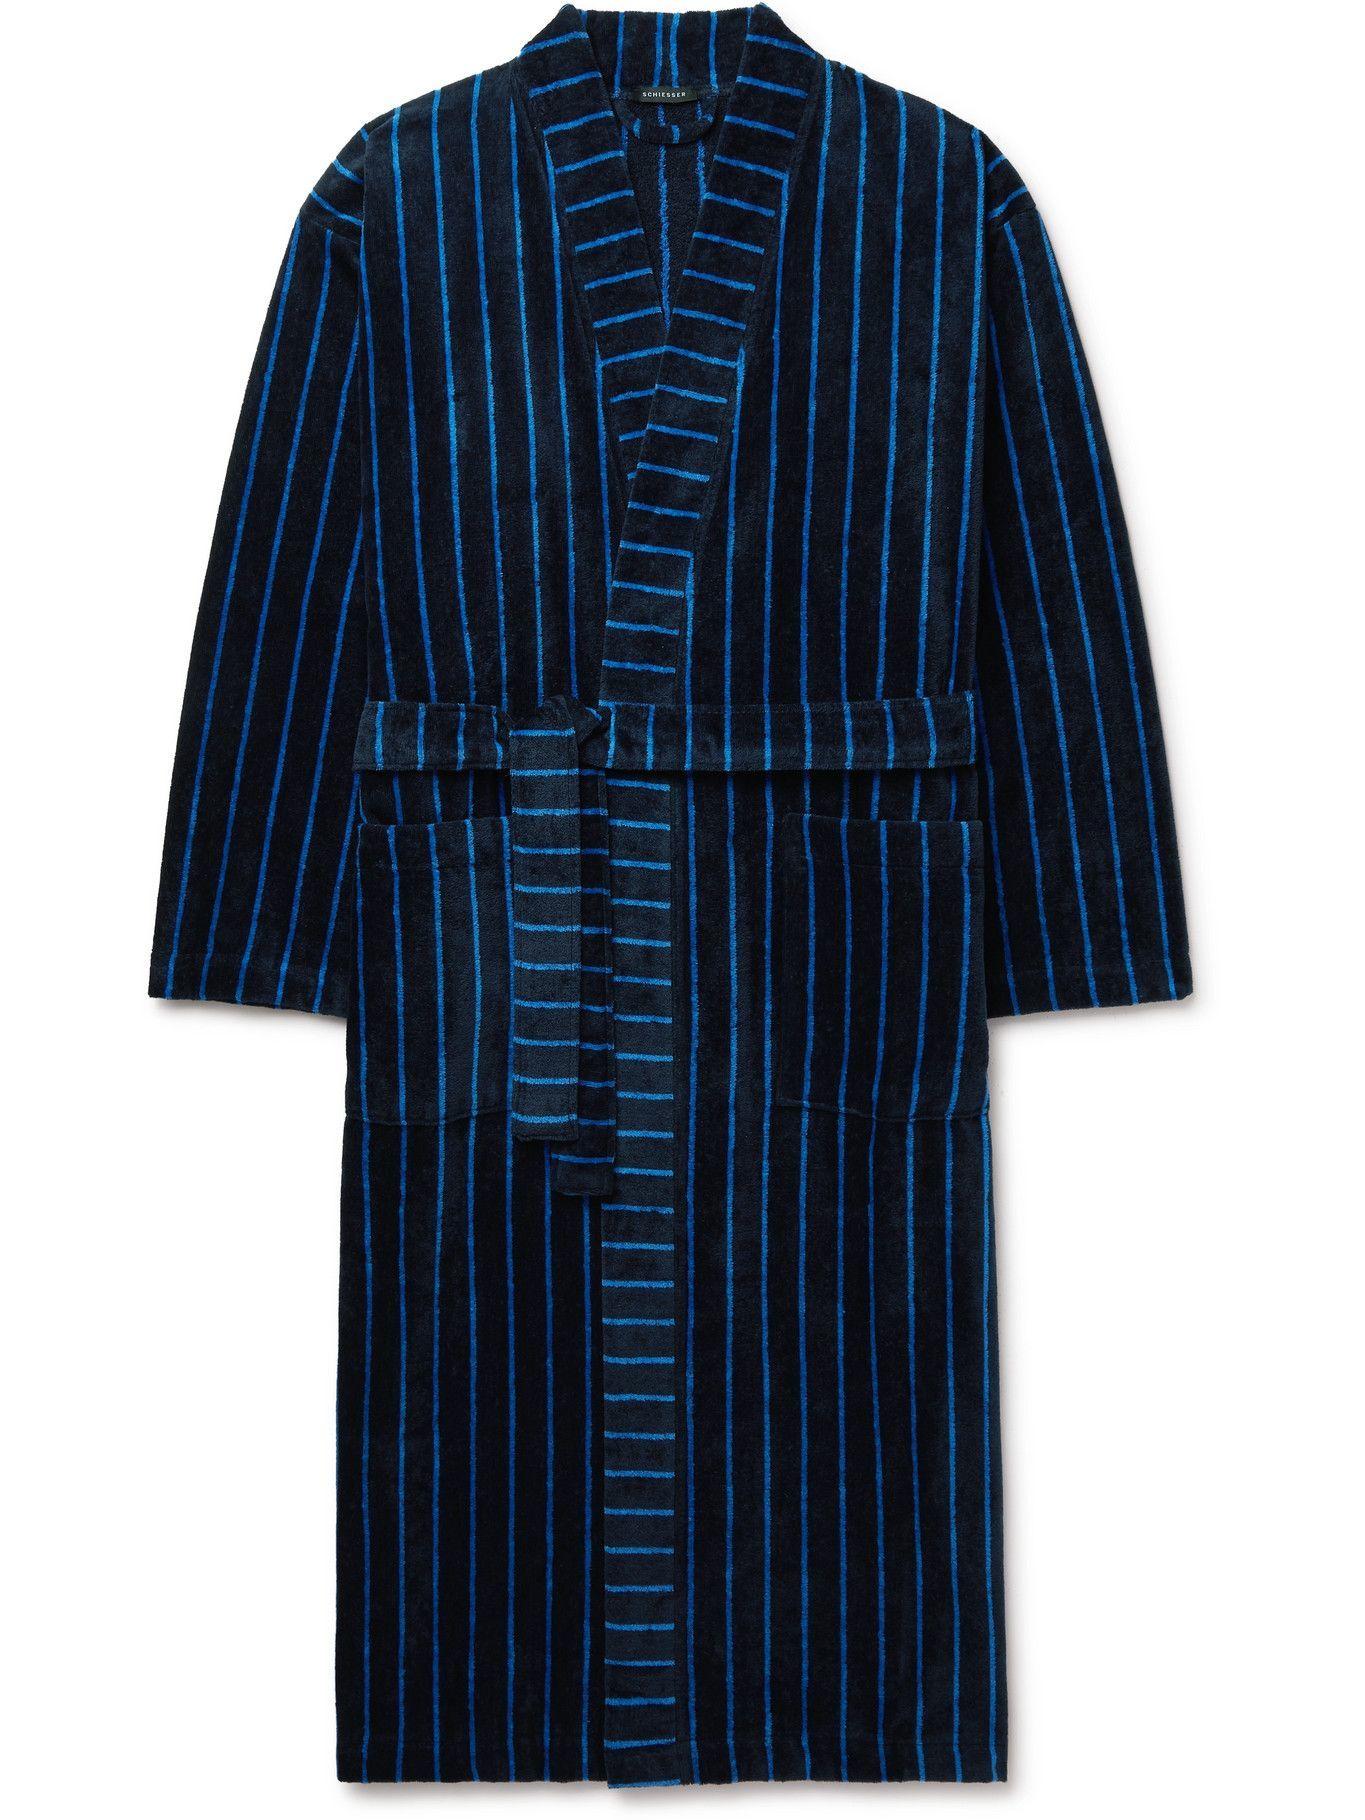 SCHIESSER - Velours Striped Cotton-Terry Robe - Blue